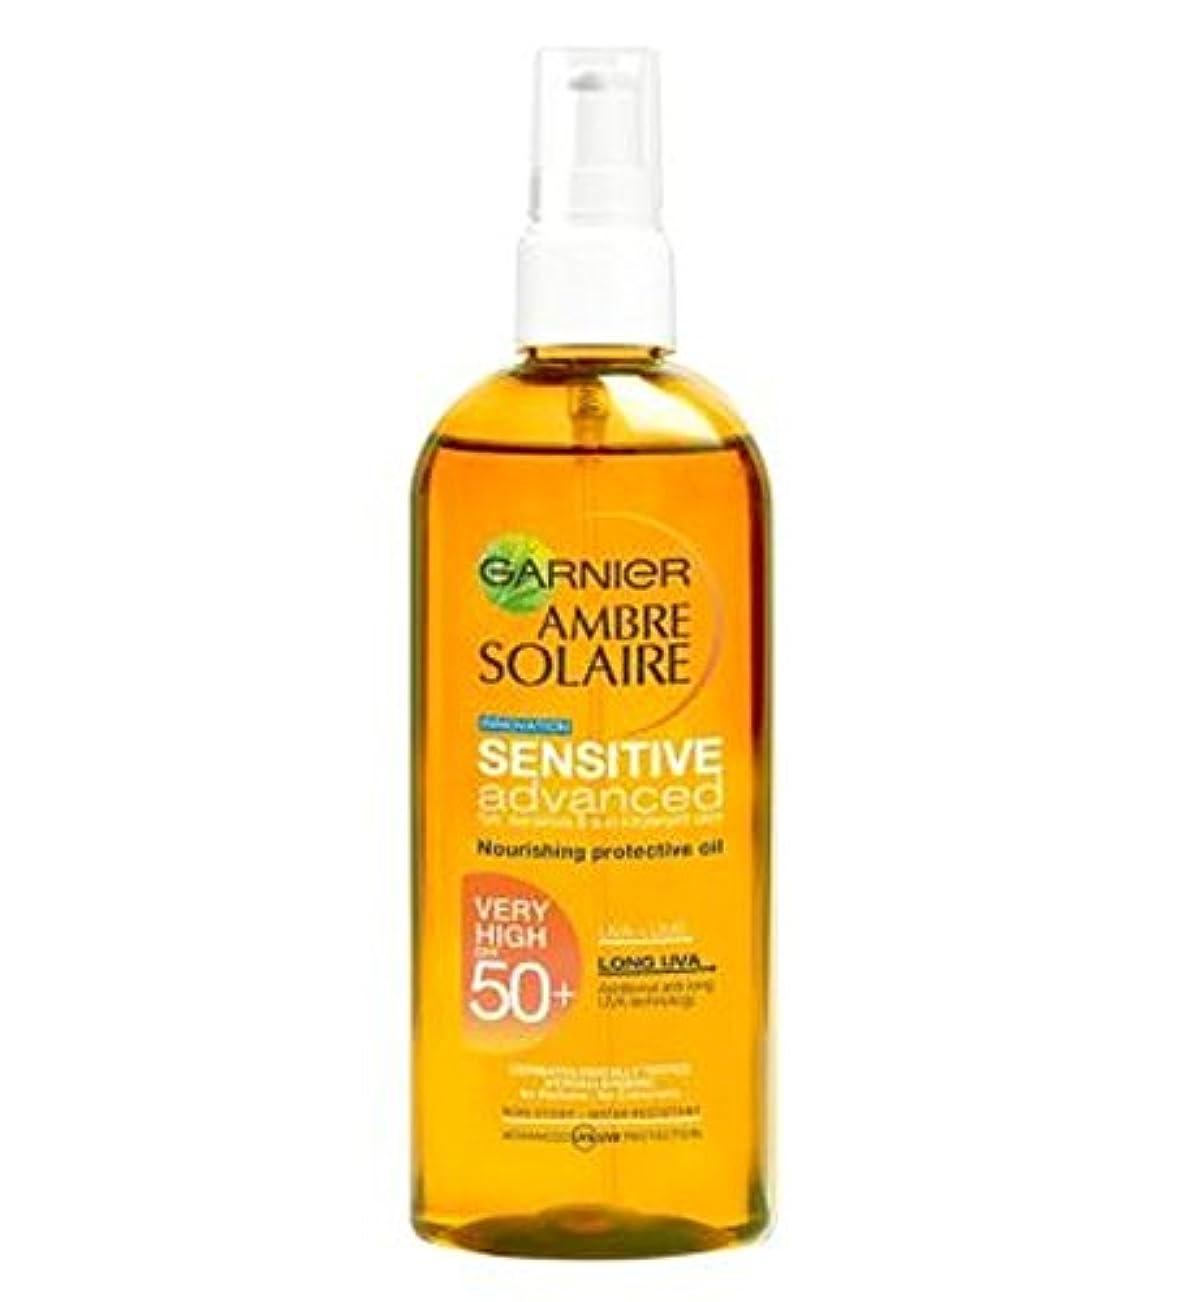 にんじん滴下簡単にGarnier Ambre Solaire Sensitive Advanced Sun Protection Nourishing Protection Oil SPF50 150ml - 保護オイルSpf50の150...